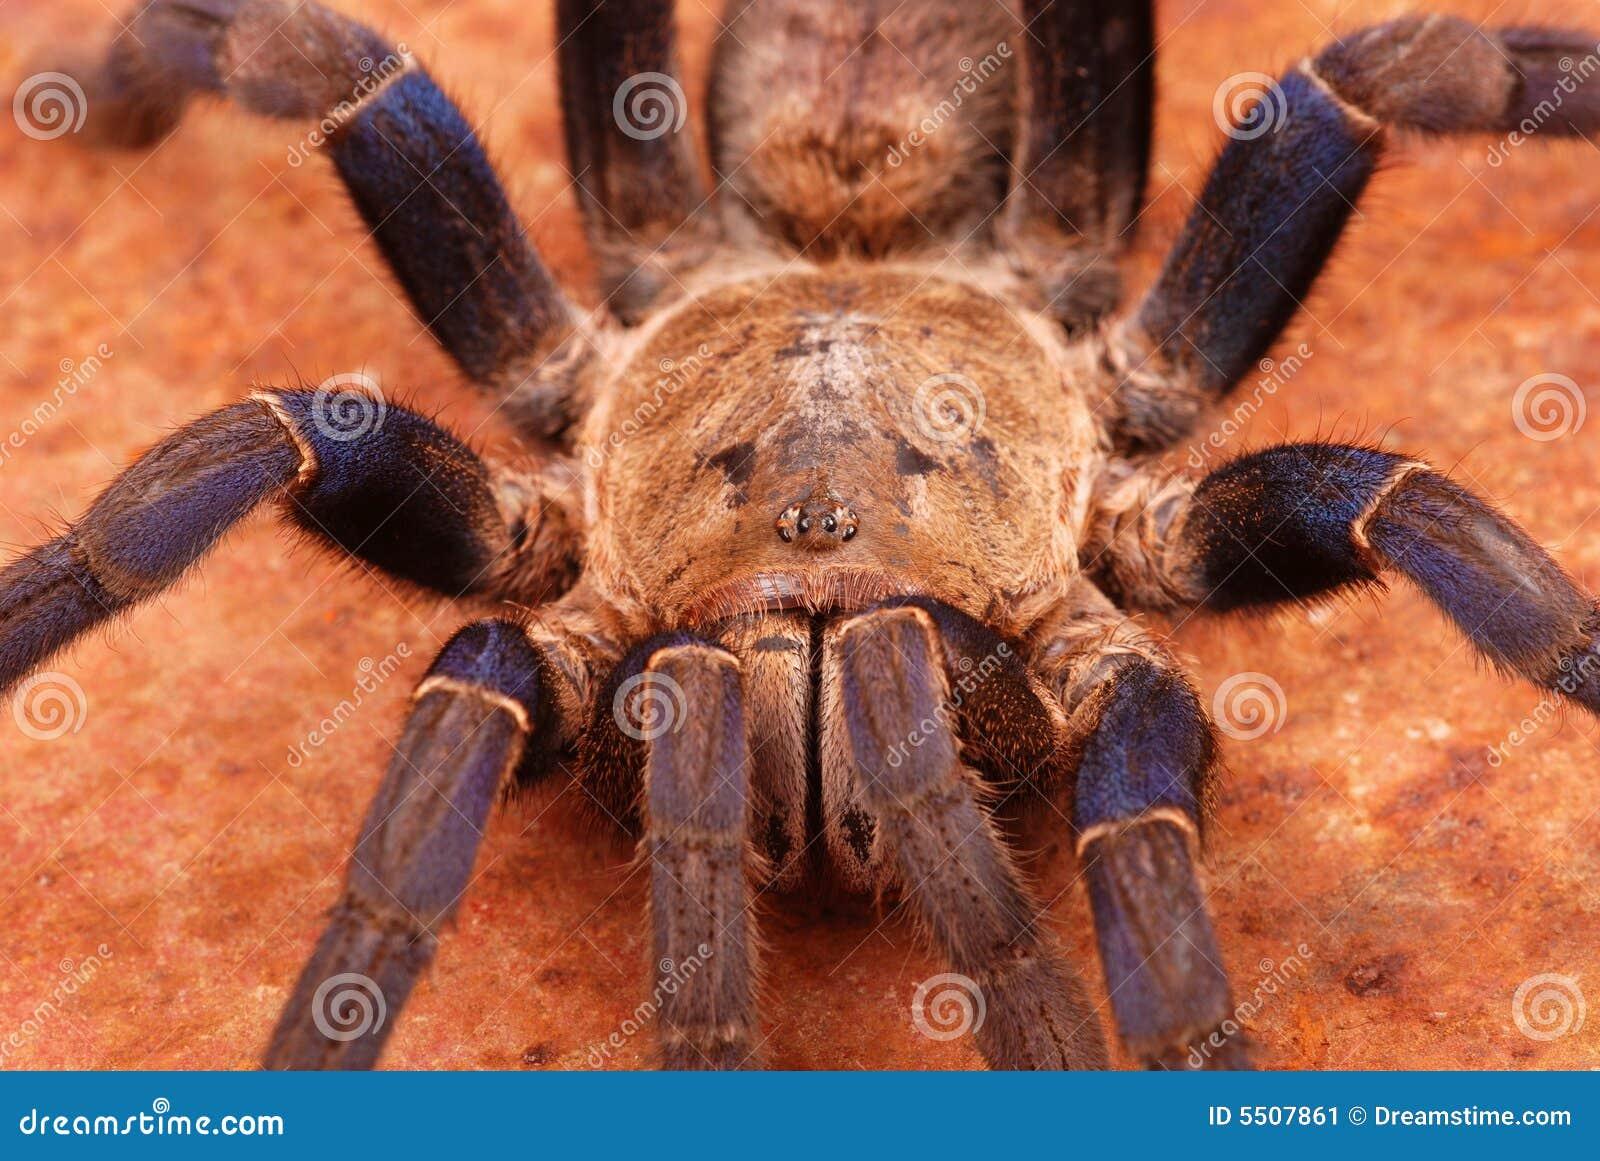 Cobalt Blue Tarantula (Haplopelma Lividum) Stock Image ...